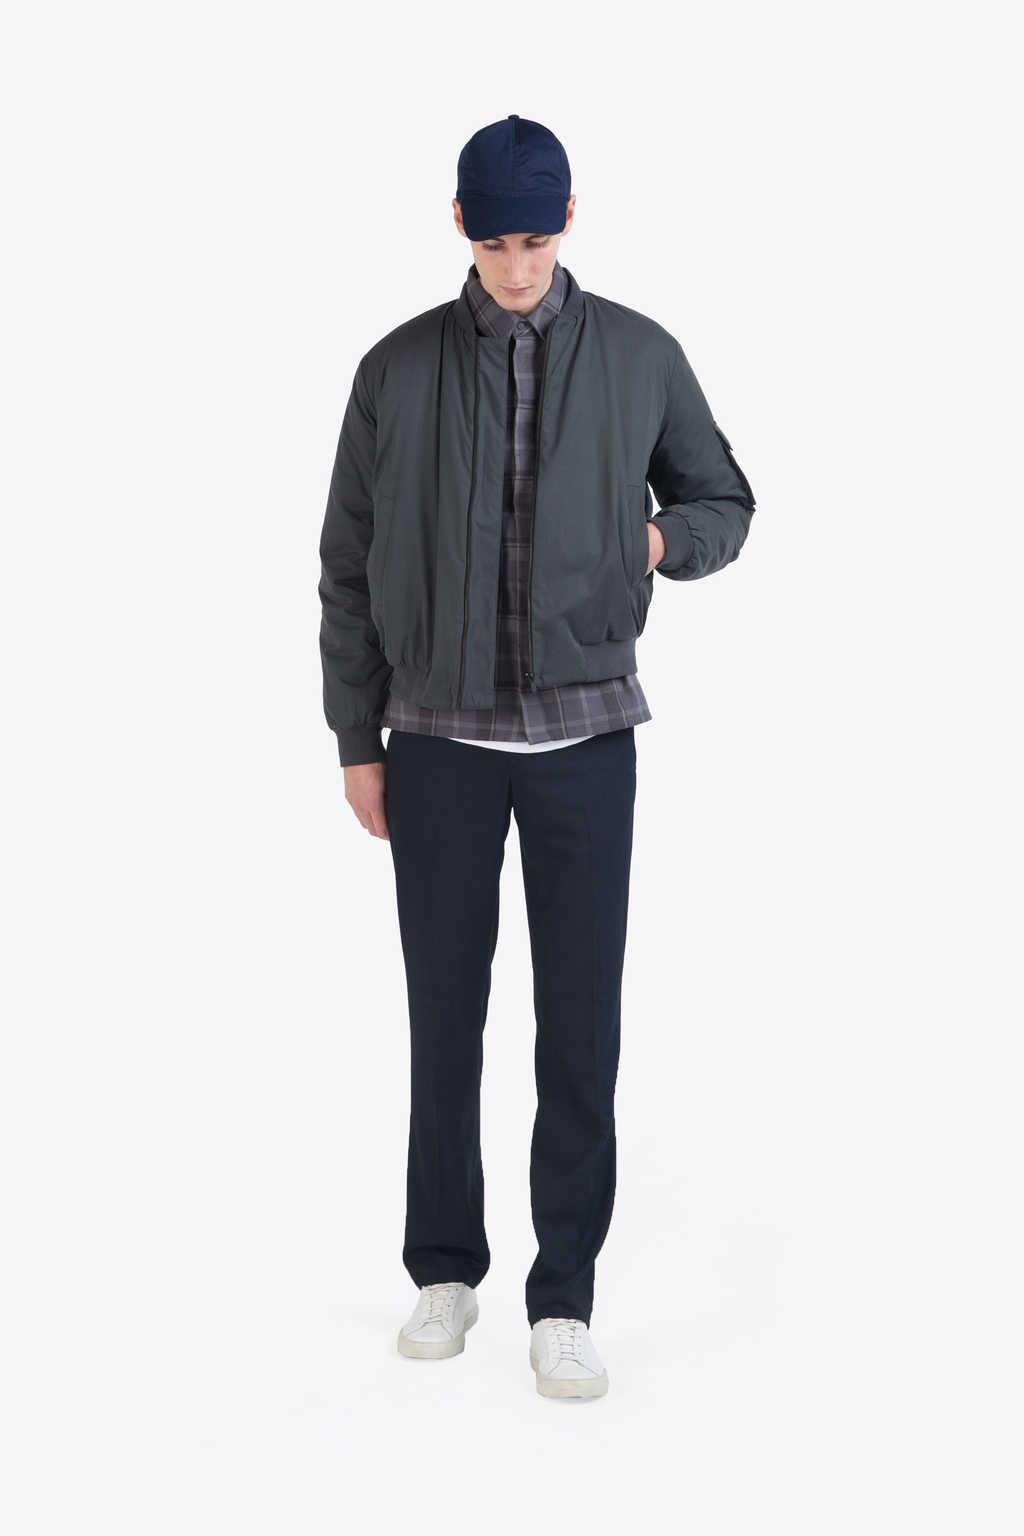 Jacket 4188 Gray 6